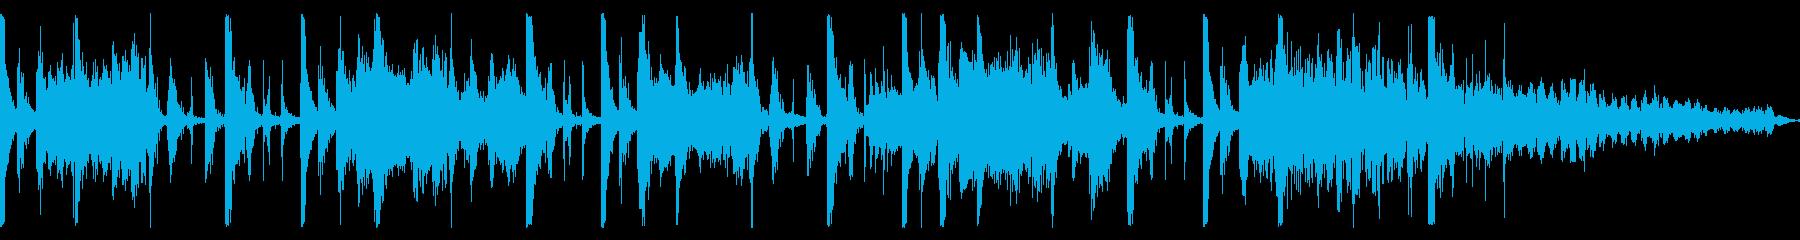 ムーディーなレトロフューチャーサウンドの再生済みの波形